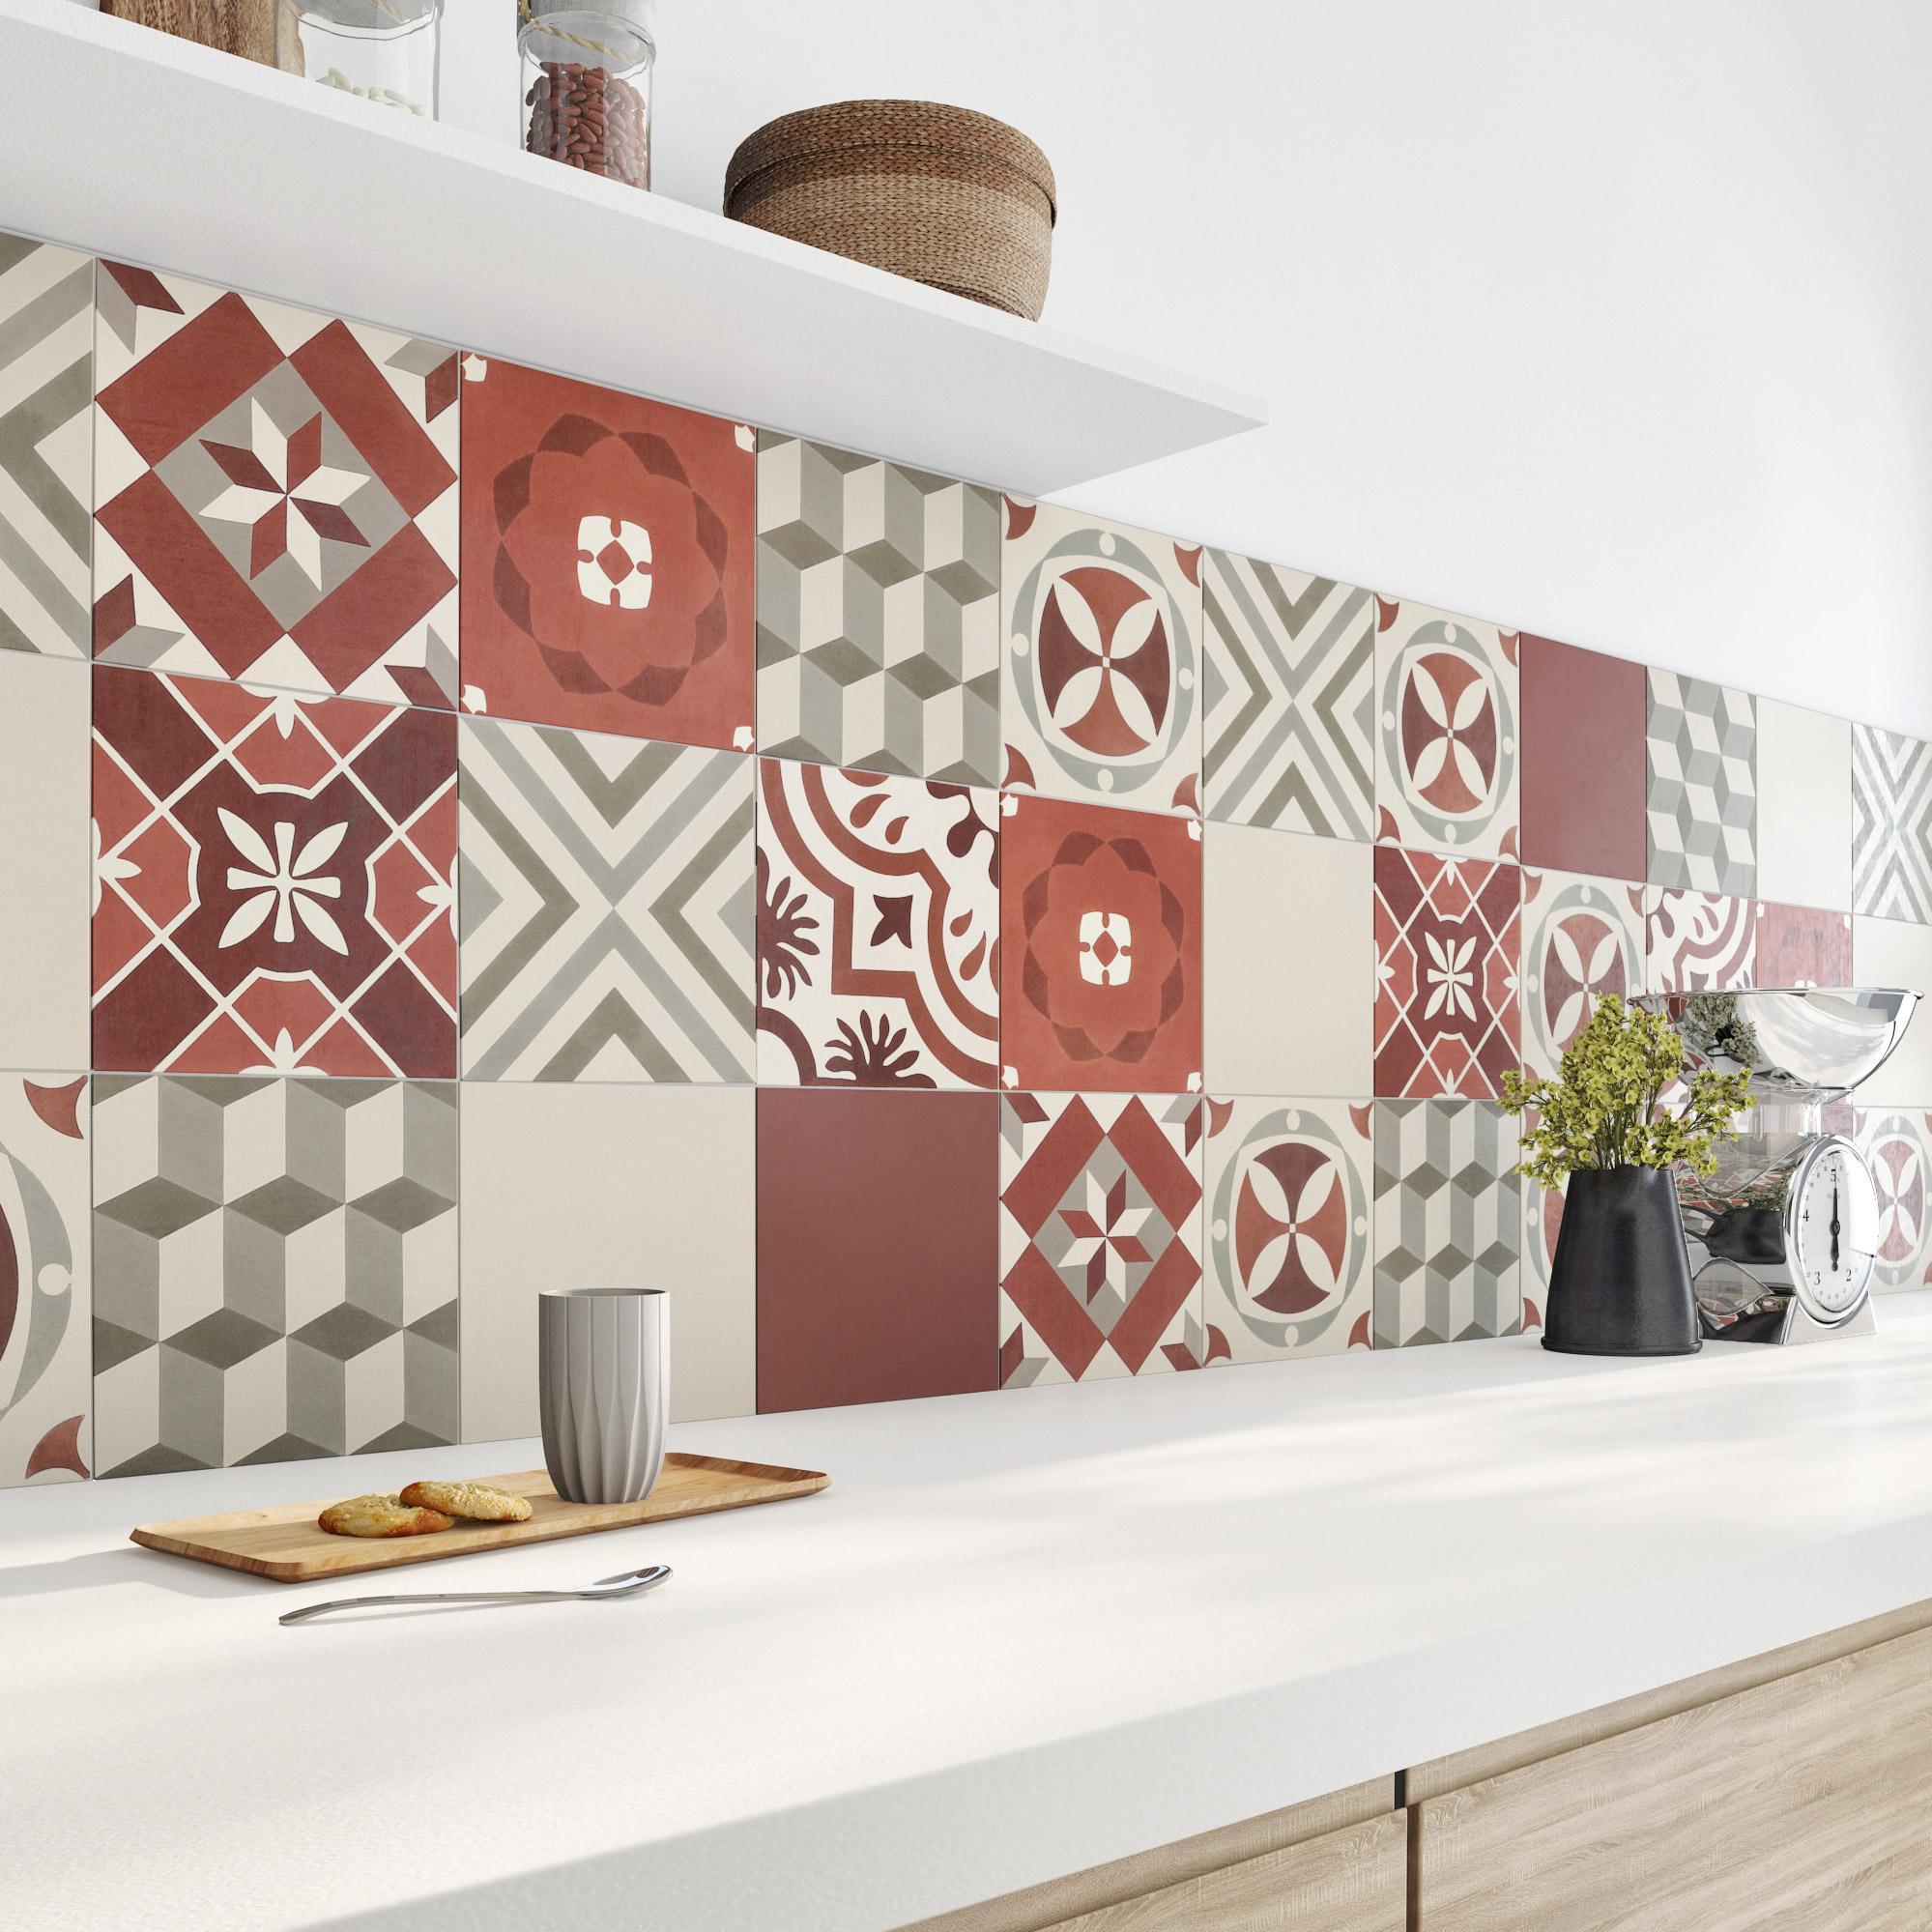 Carreau de ciment mur rouge mat l.20 x L.20 cm, Belle epoque lisa